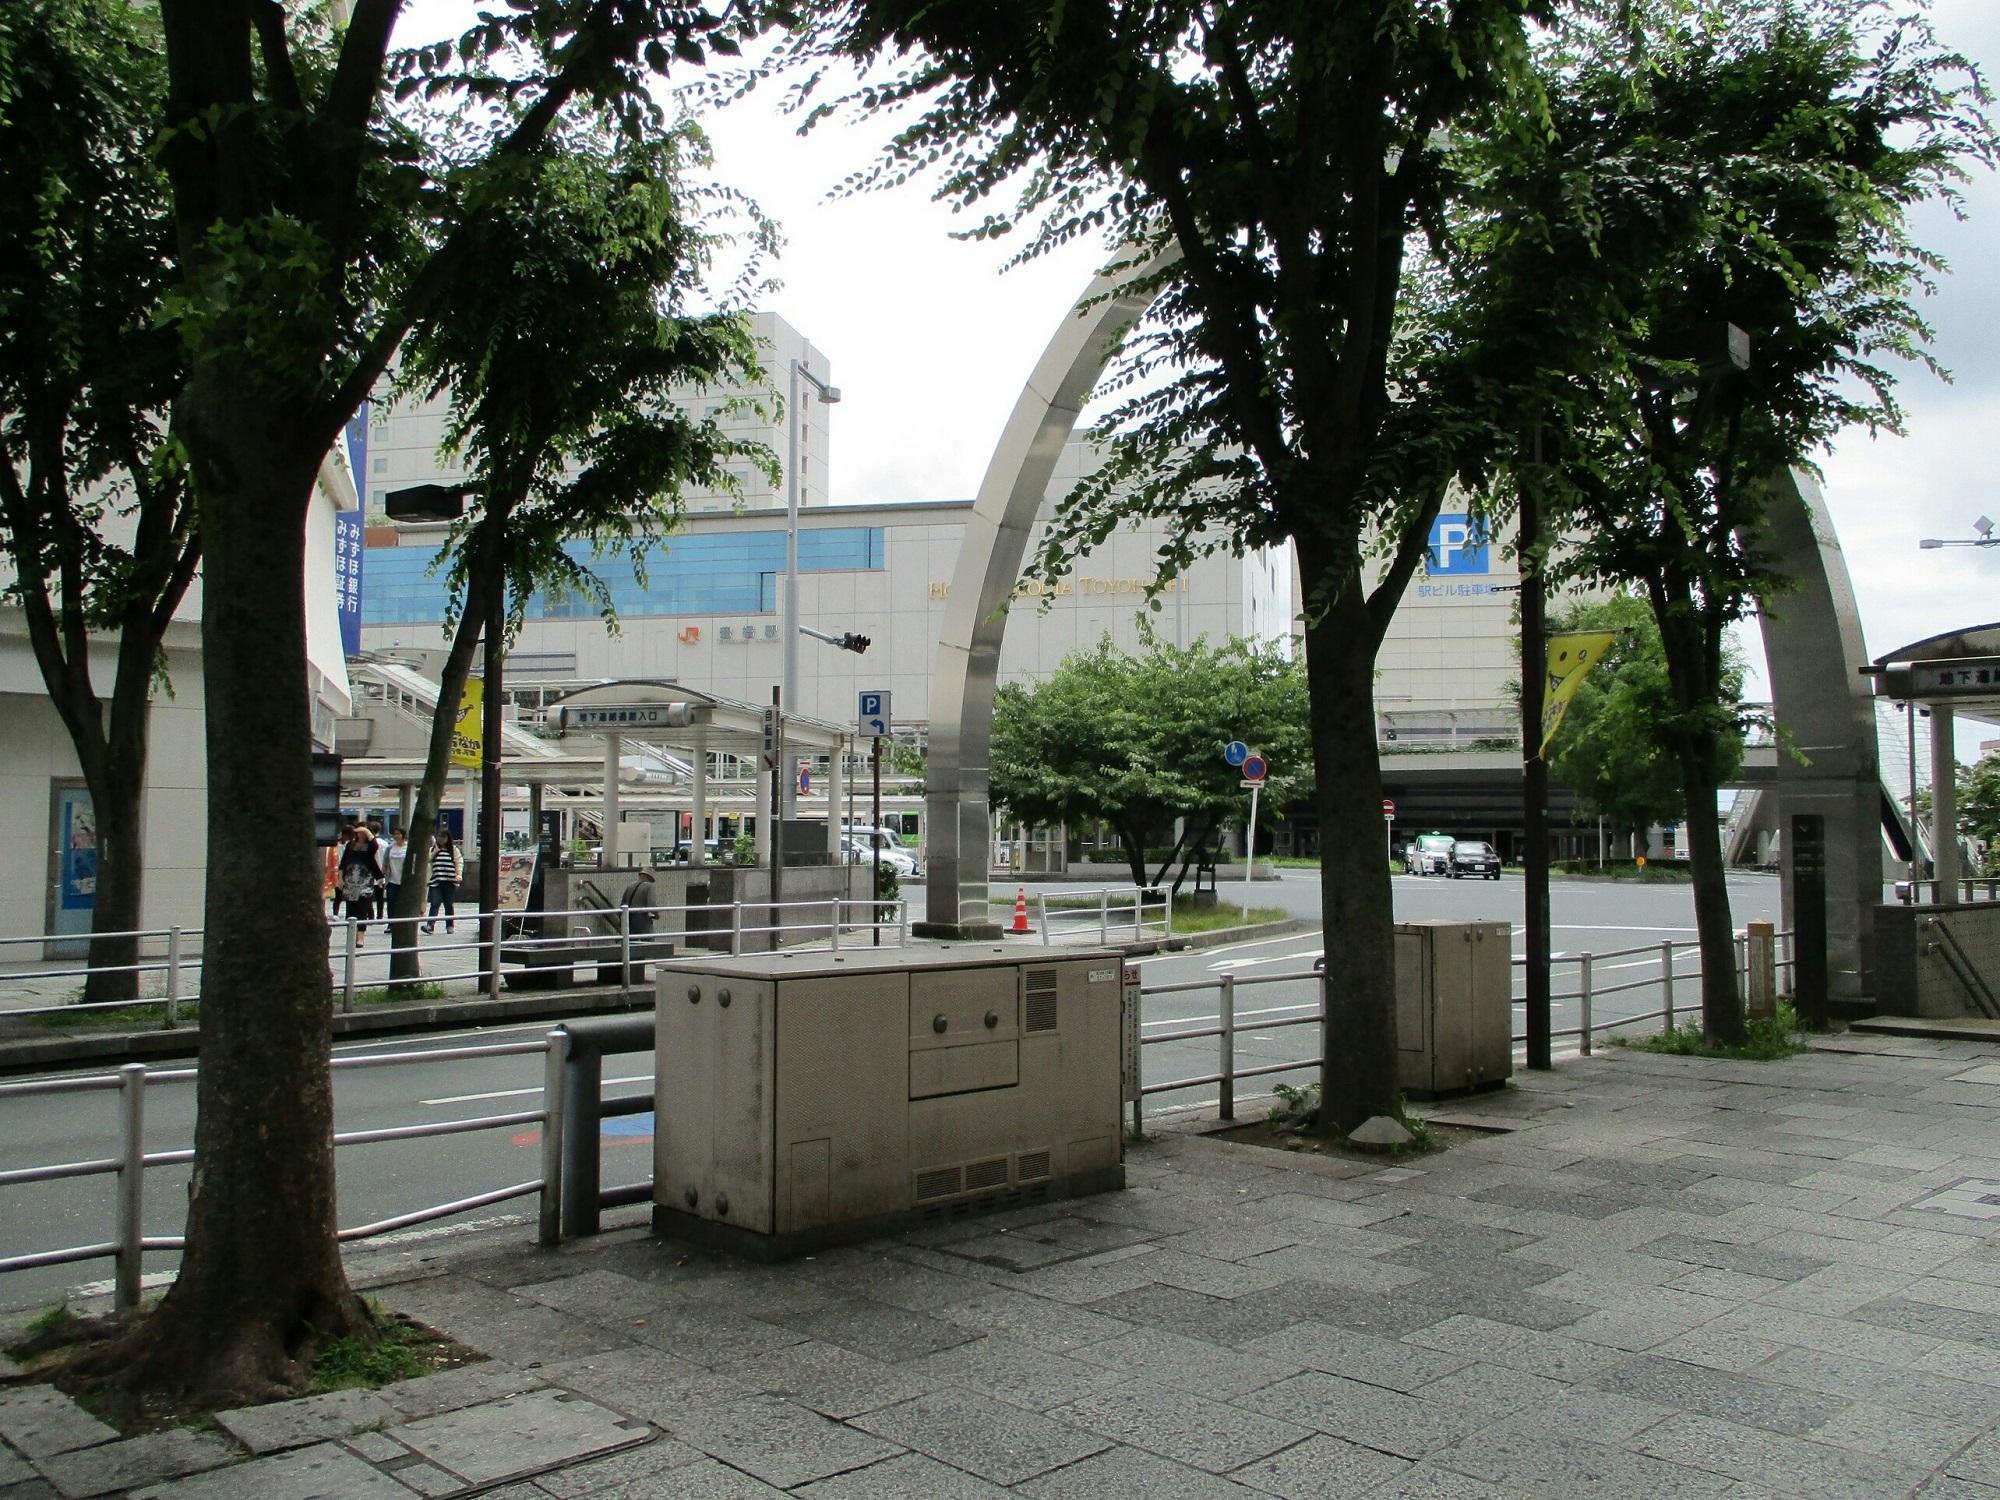 2018.6.19 (54) 広小路どおり - 豊橋駅 2000-1500